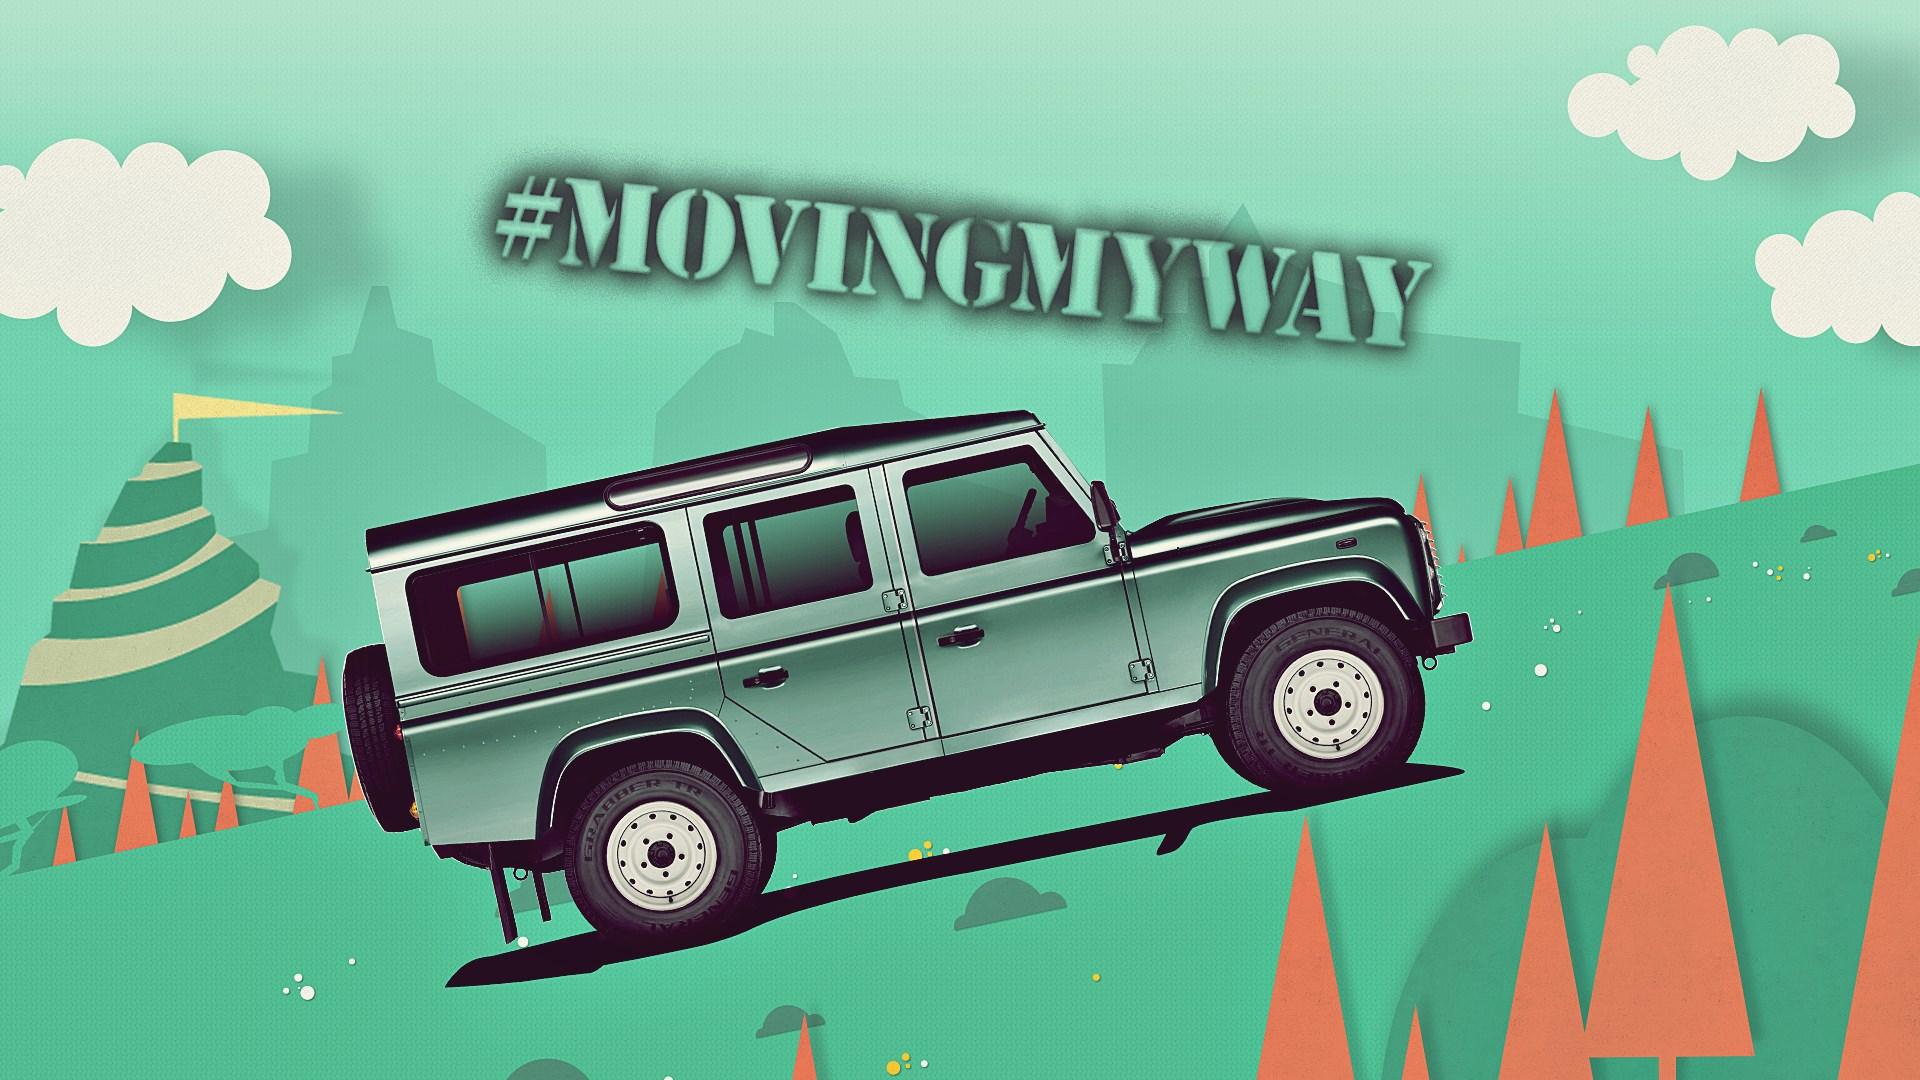 movingmyway-europcar-gewinnspiel-landrover-defender